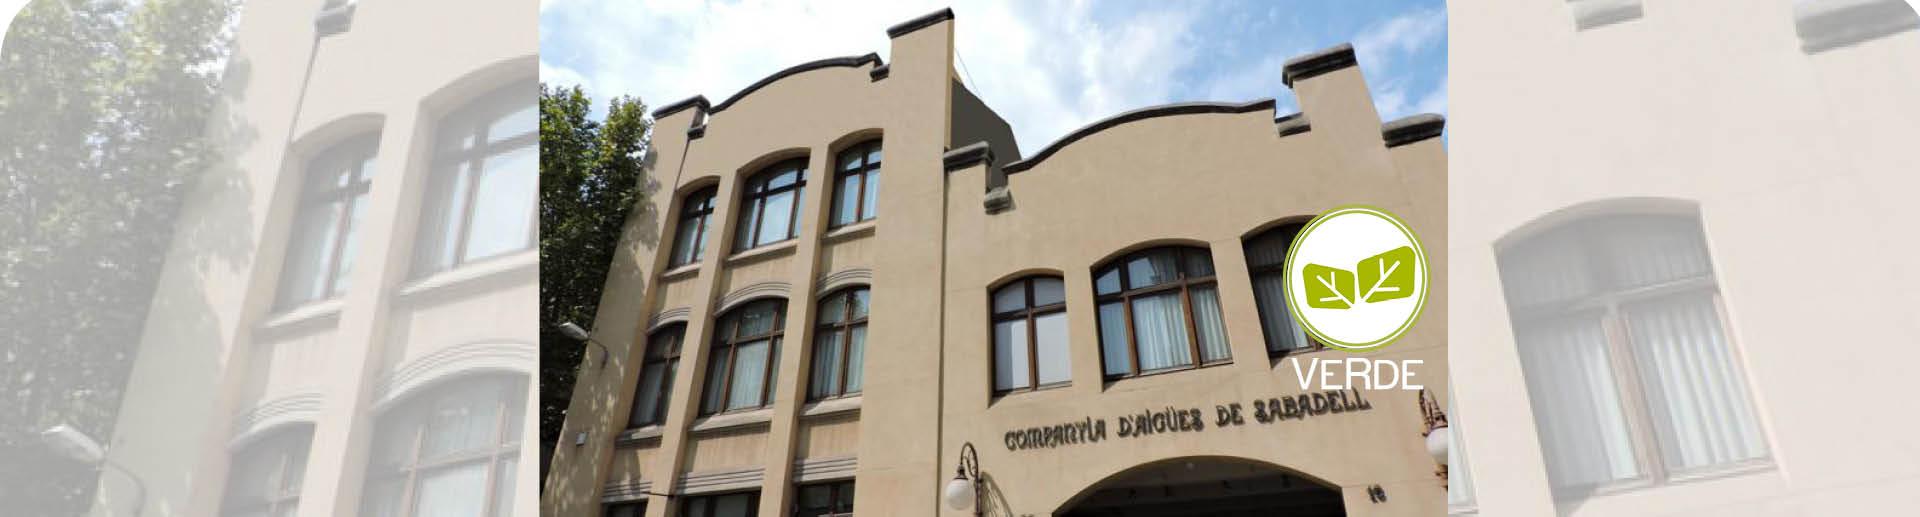 Nuevo edificio certificado VERDE